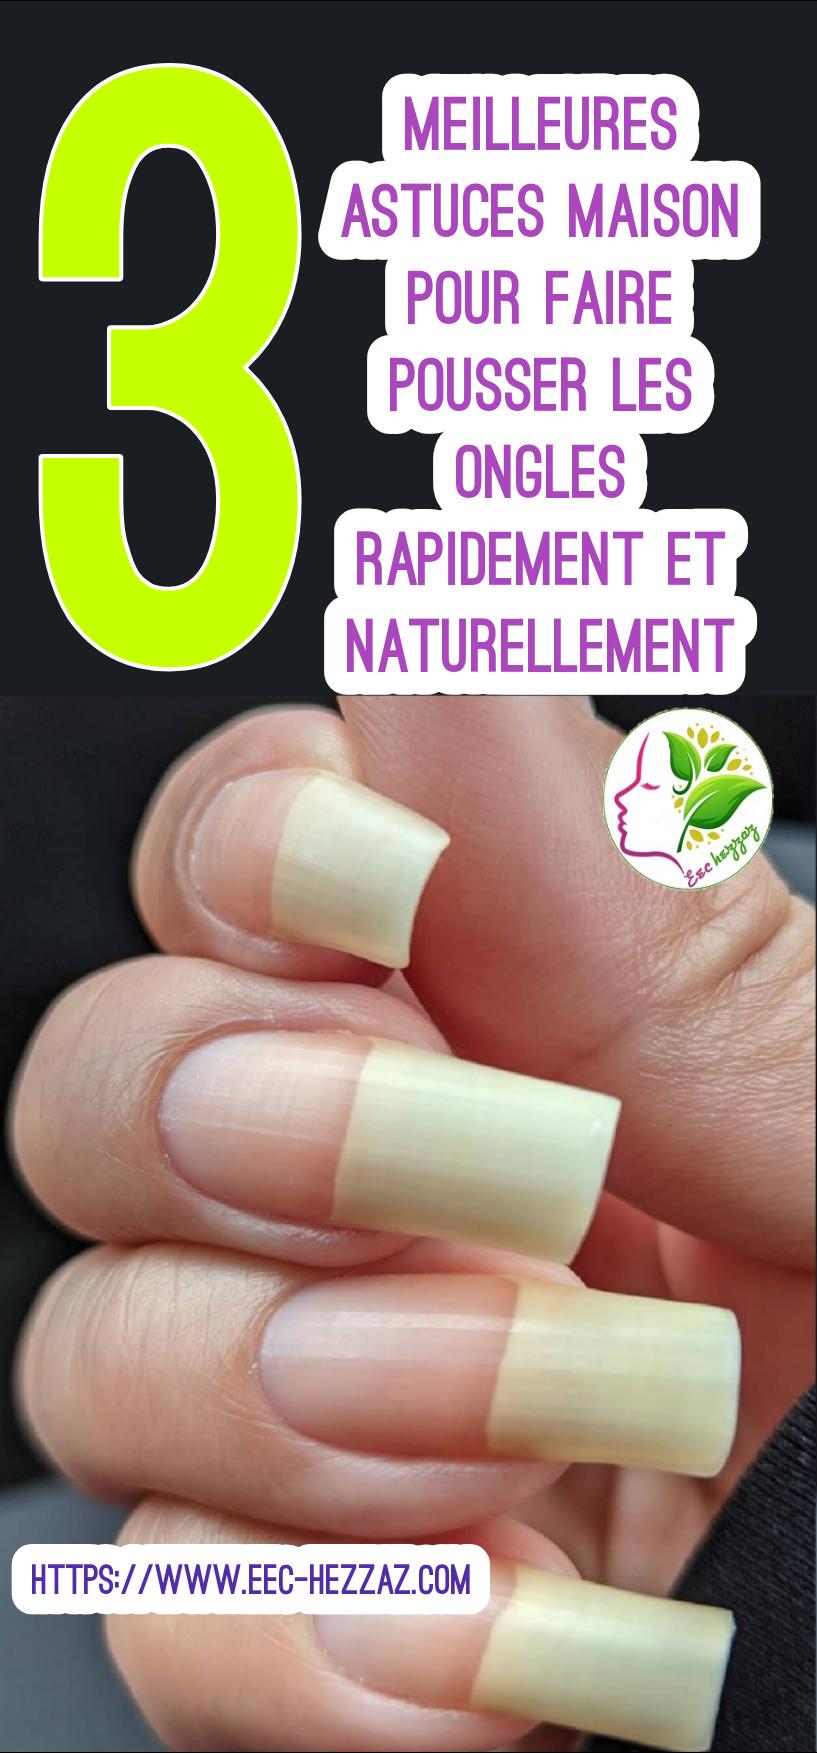 3 meilleures astuces maison pour faire pousser les ongles rapidement et naturellement